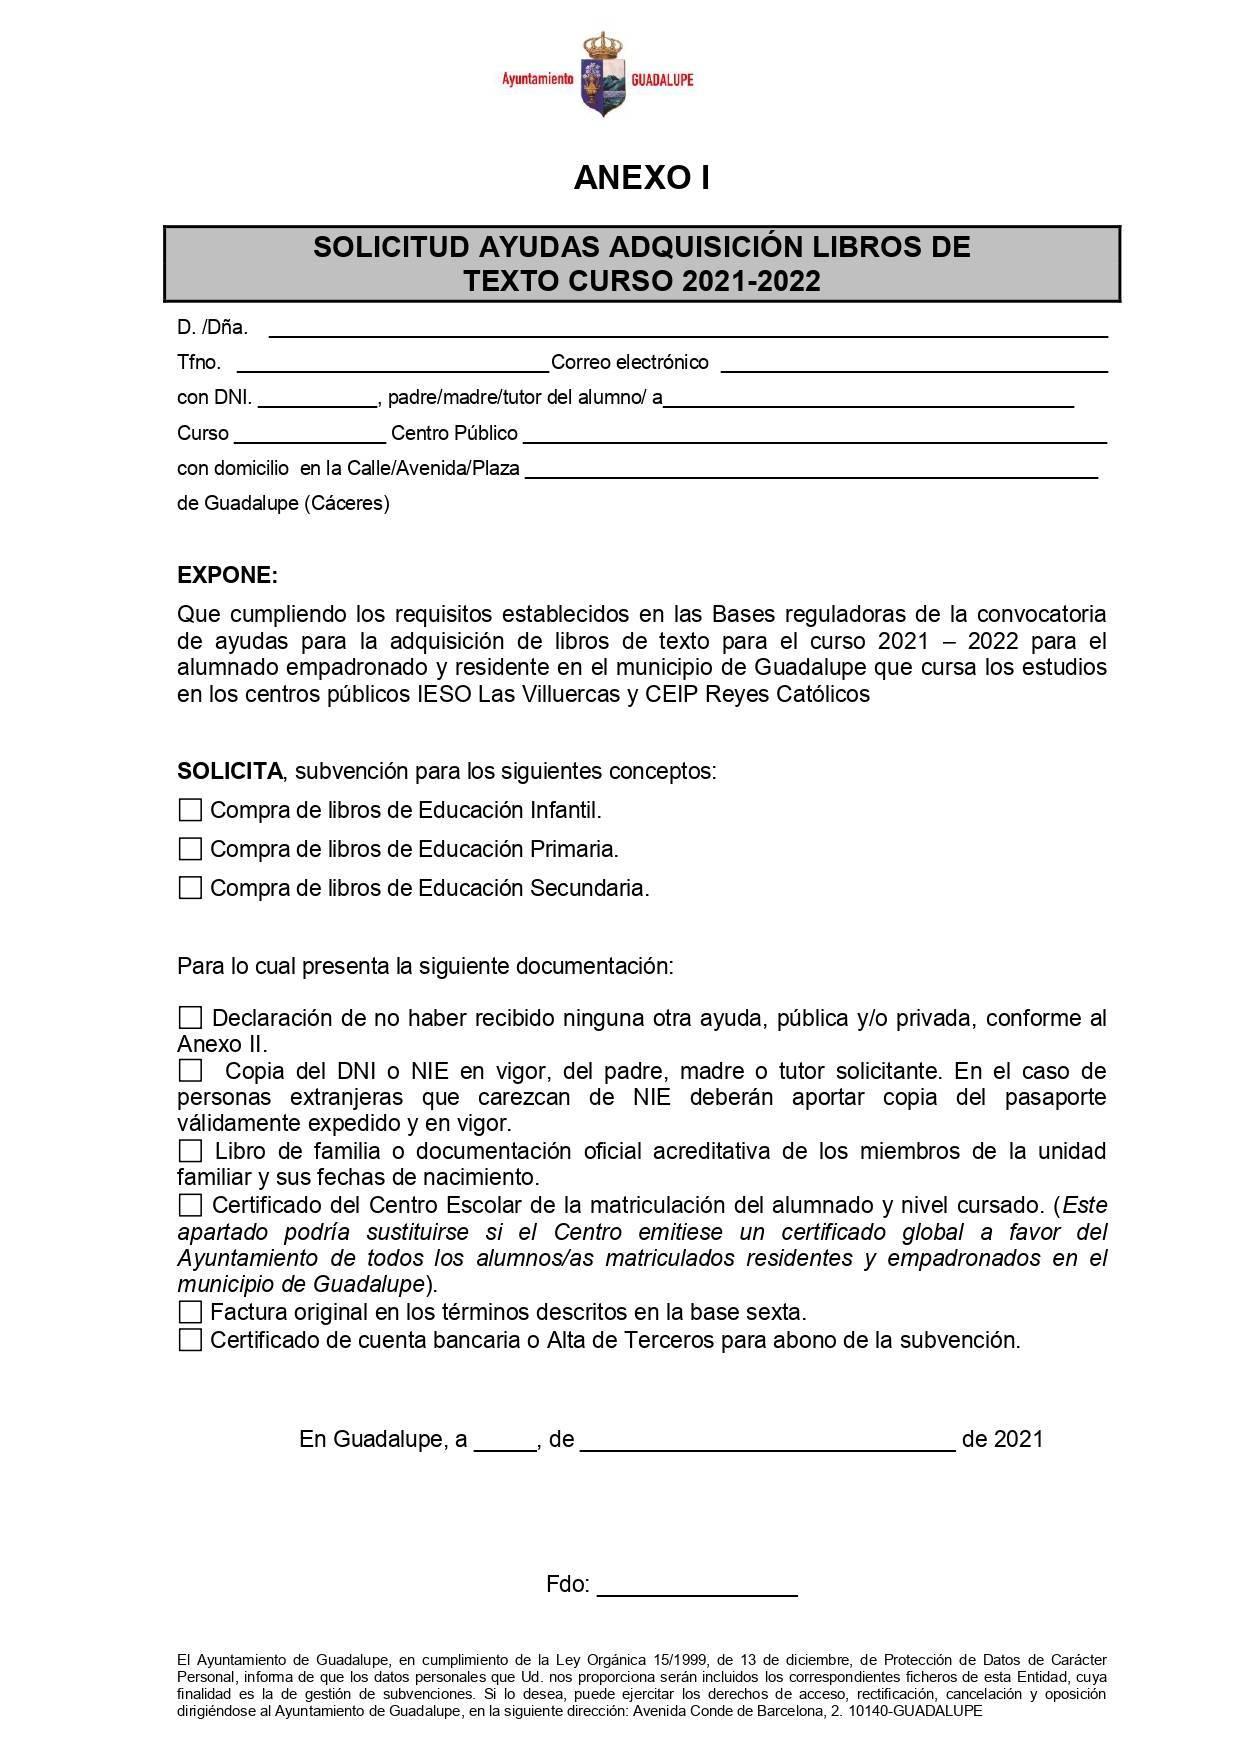 Ayudas para libros de texto curso 2021-2022 - Guadalupe (Cáceres) 7